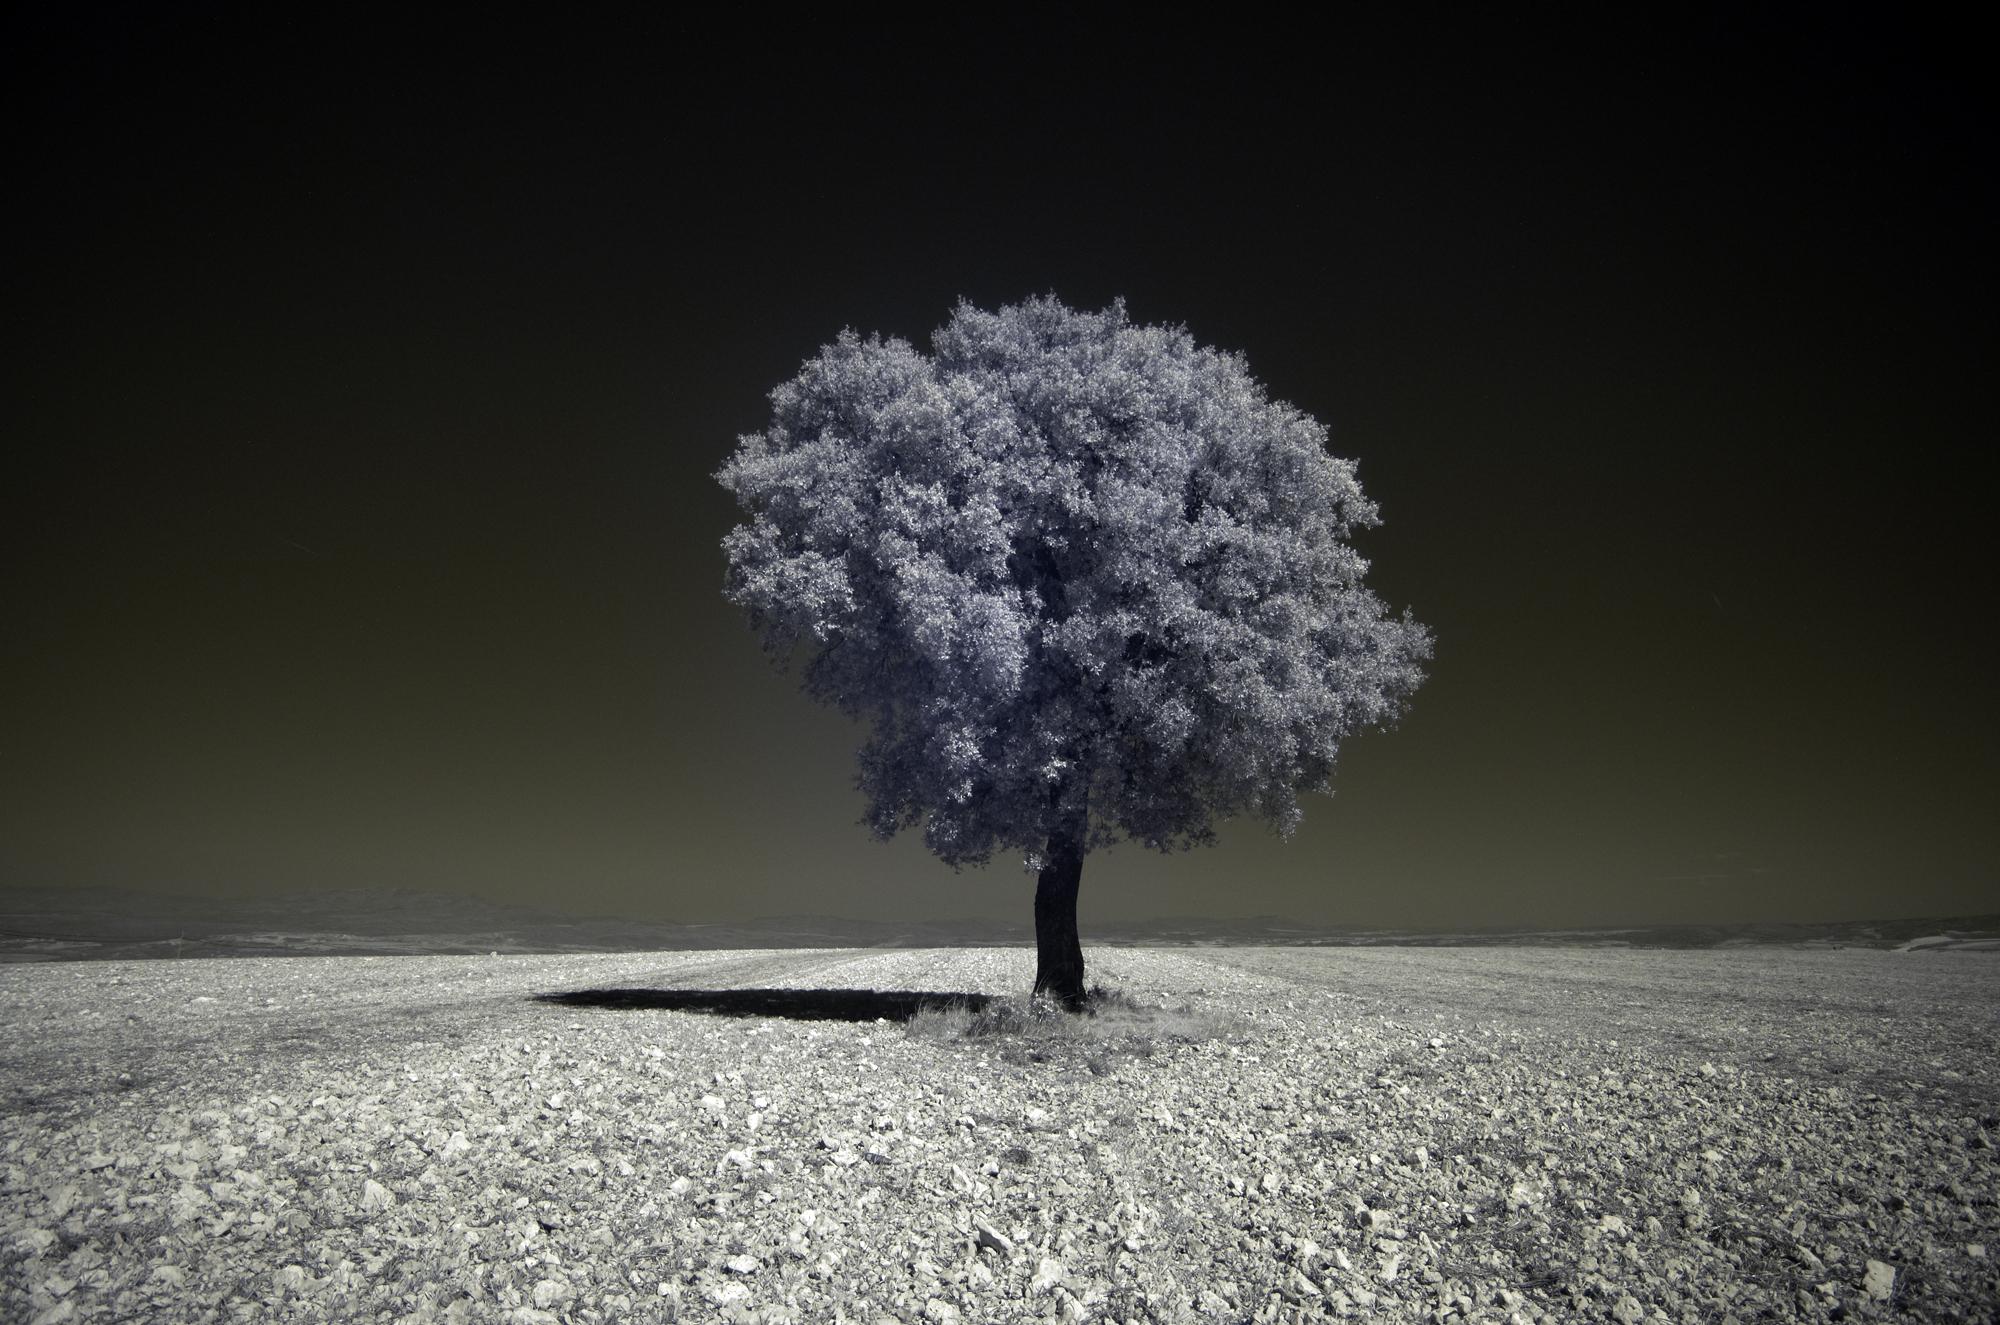 Как превратить пейзажное фото в сюрреалистическое инфракрасное изображение - 4a